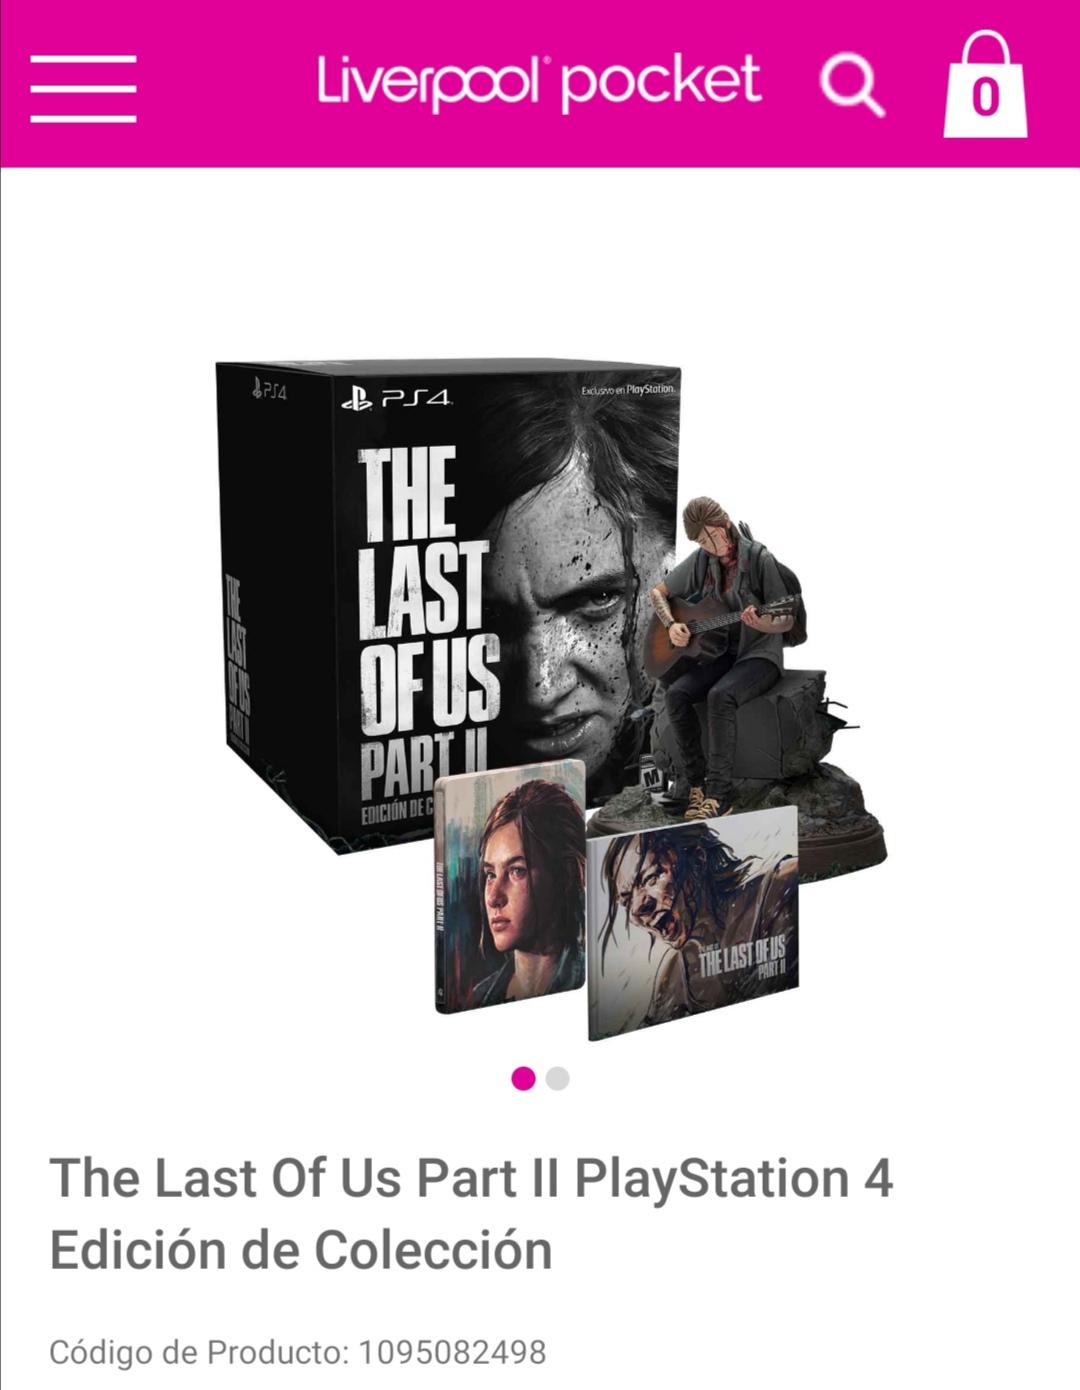 Liverpool en línea: The last of us part 2 especial edition y collectors edition